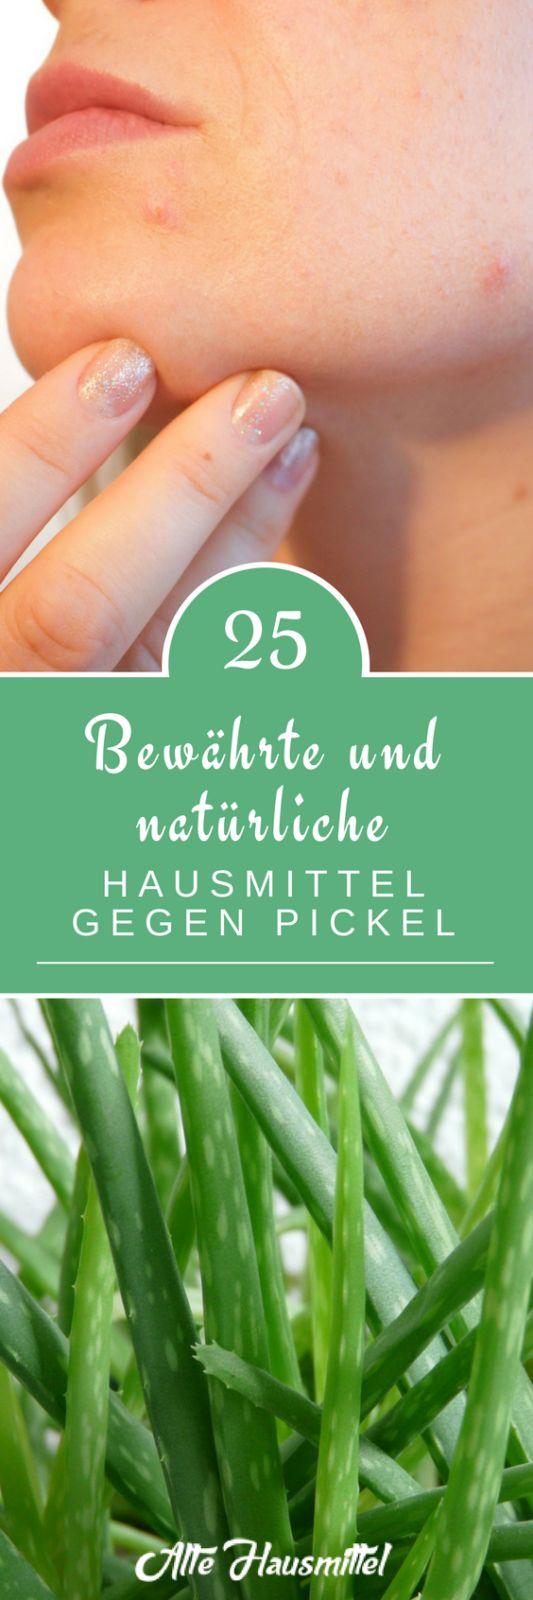 25 bewährte und natürliche Hausmittel gegen Pickel